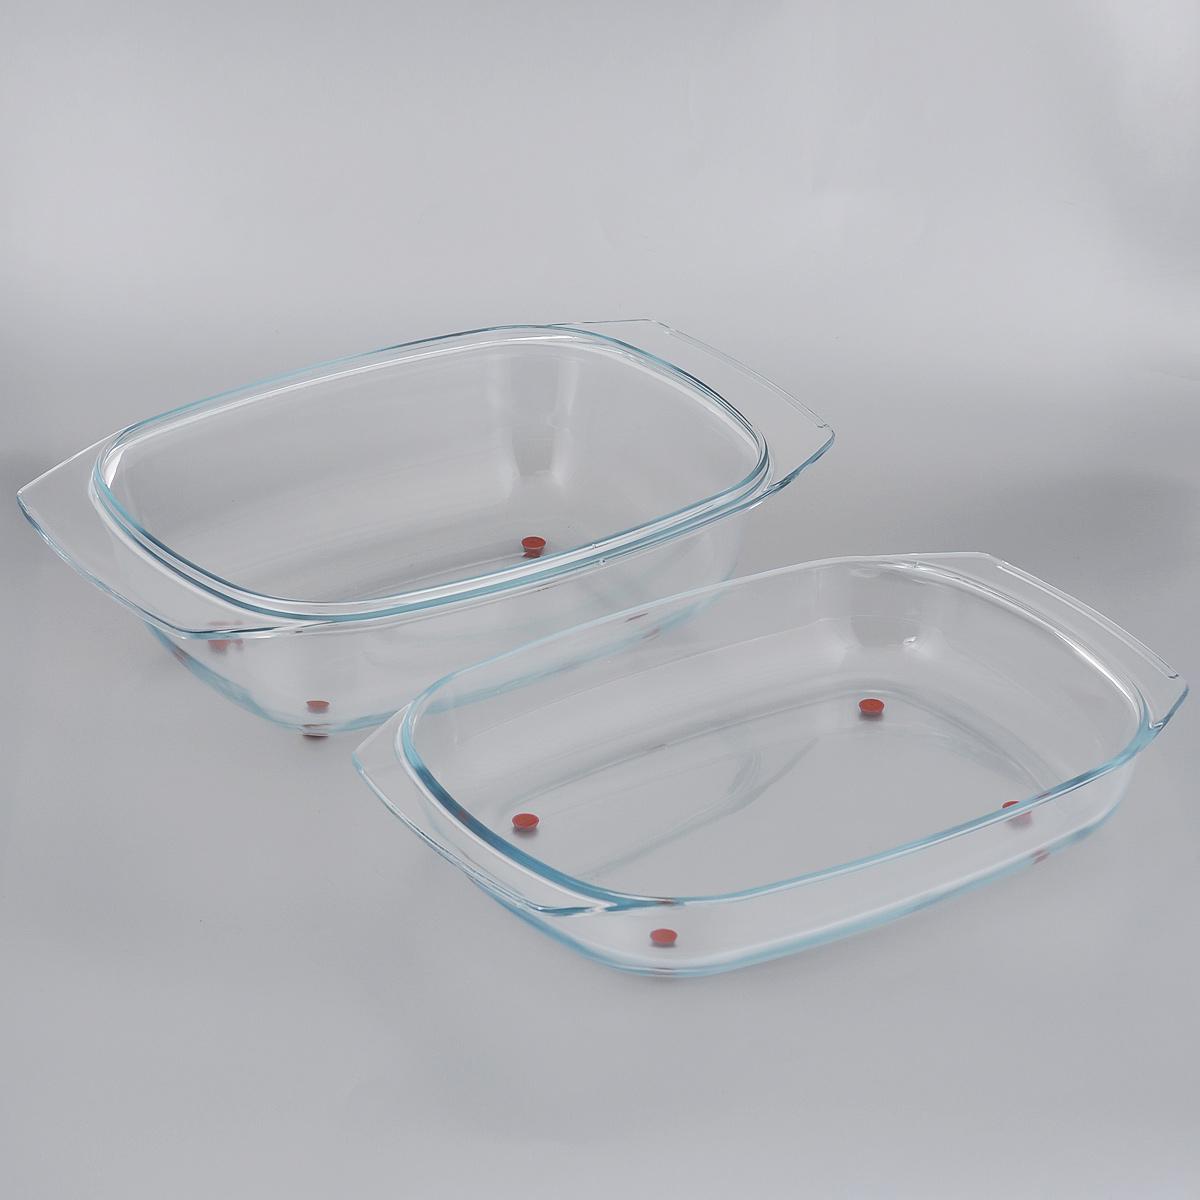 """Массивная жаровня Tescoma """"Delicia Glass"""", состоящая из двух частей,  изготовлена из жаростойкого боросиликатного стекла. Основание и крышка жаровни оснащены ножками из высококачественного силикона, поэтому их можно ставить прямо из духовки на стол без риска повреждения поверхности. Жаровня снабжена удобными ручками. Обе части изделия можно использовать как две отдельные жаровни, низкую и глубокую.Подходит для всех типов печей, холодильников и посудомоечных машин."""